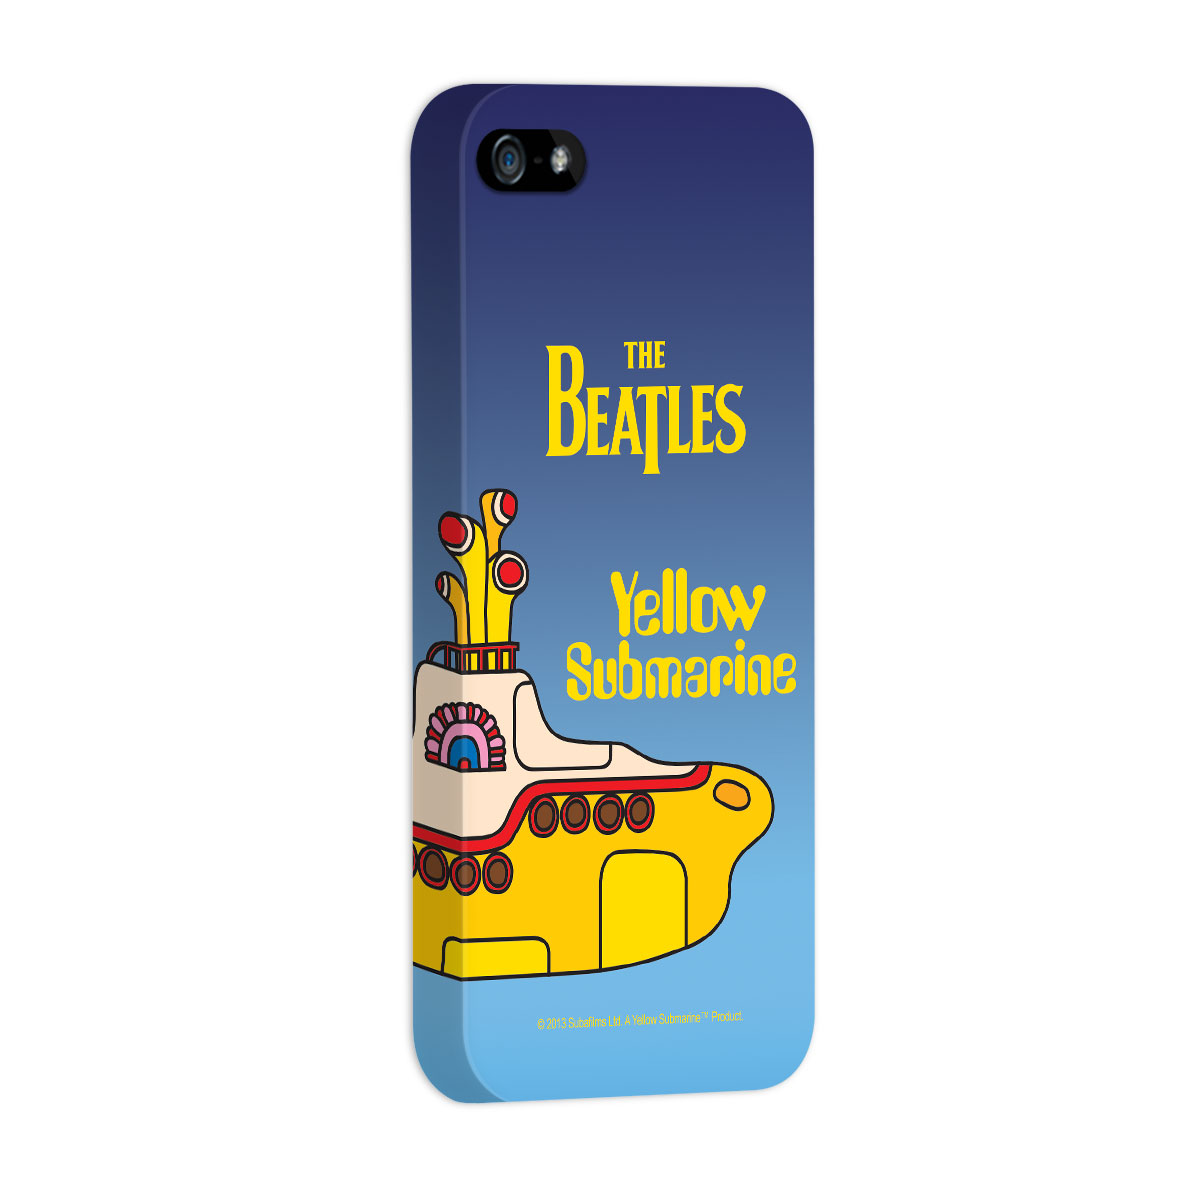 Capa de iPhone 5/5S The Beatles Yellow Submarine